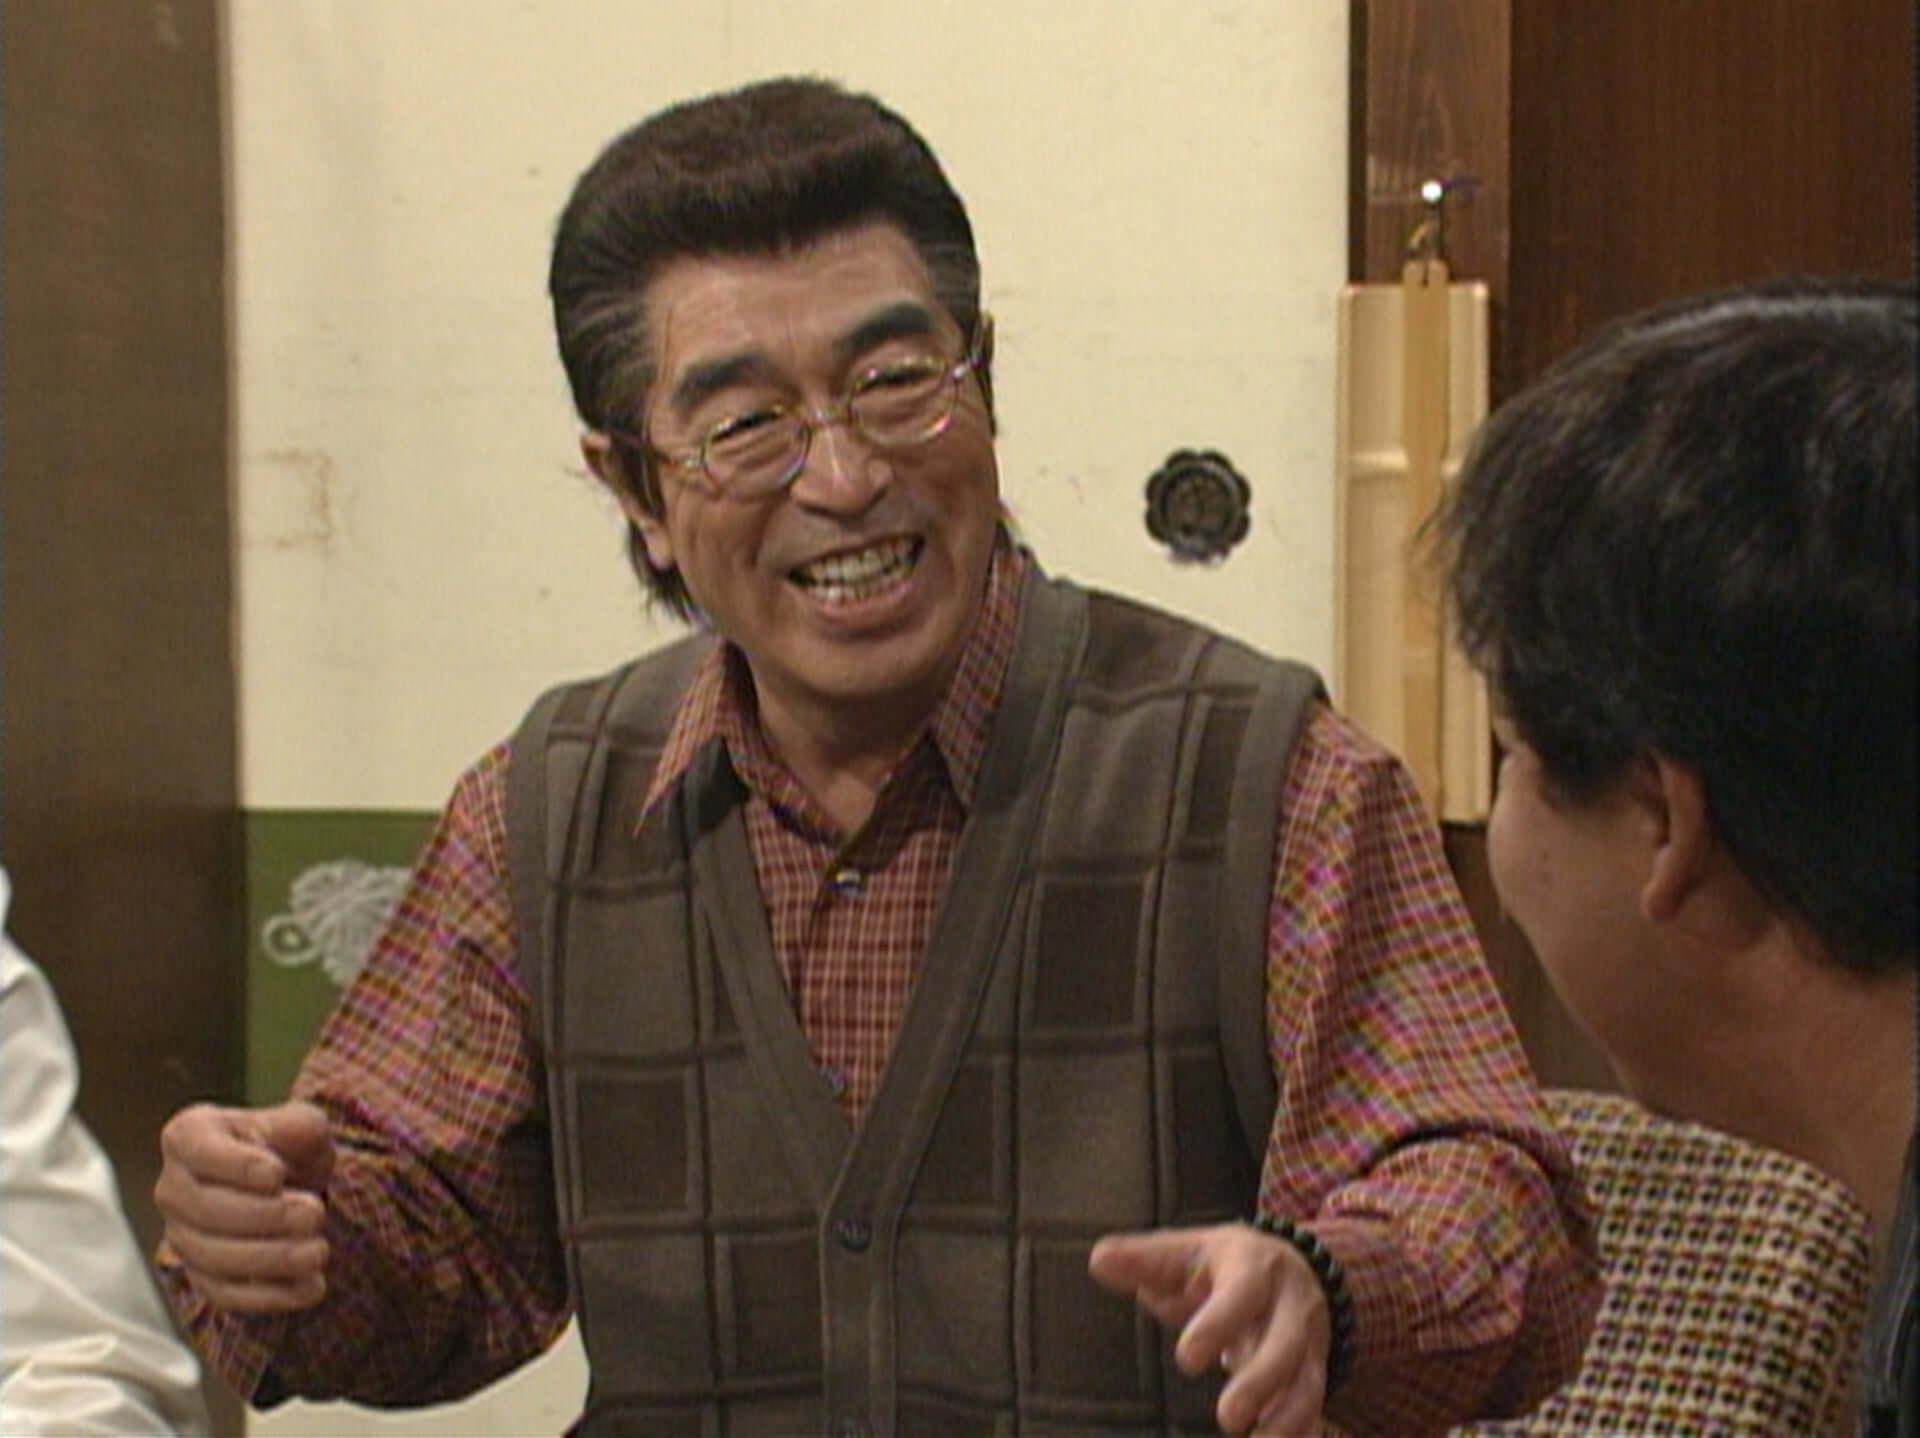 志村けん出演の『ドリフ大爆笑』『志村けんのバカ殿様』ほか名作コントが8時間にわたり一挙放送決定! art200424_shimuraken_7-1920x1438